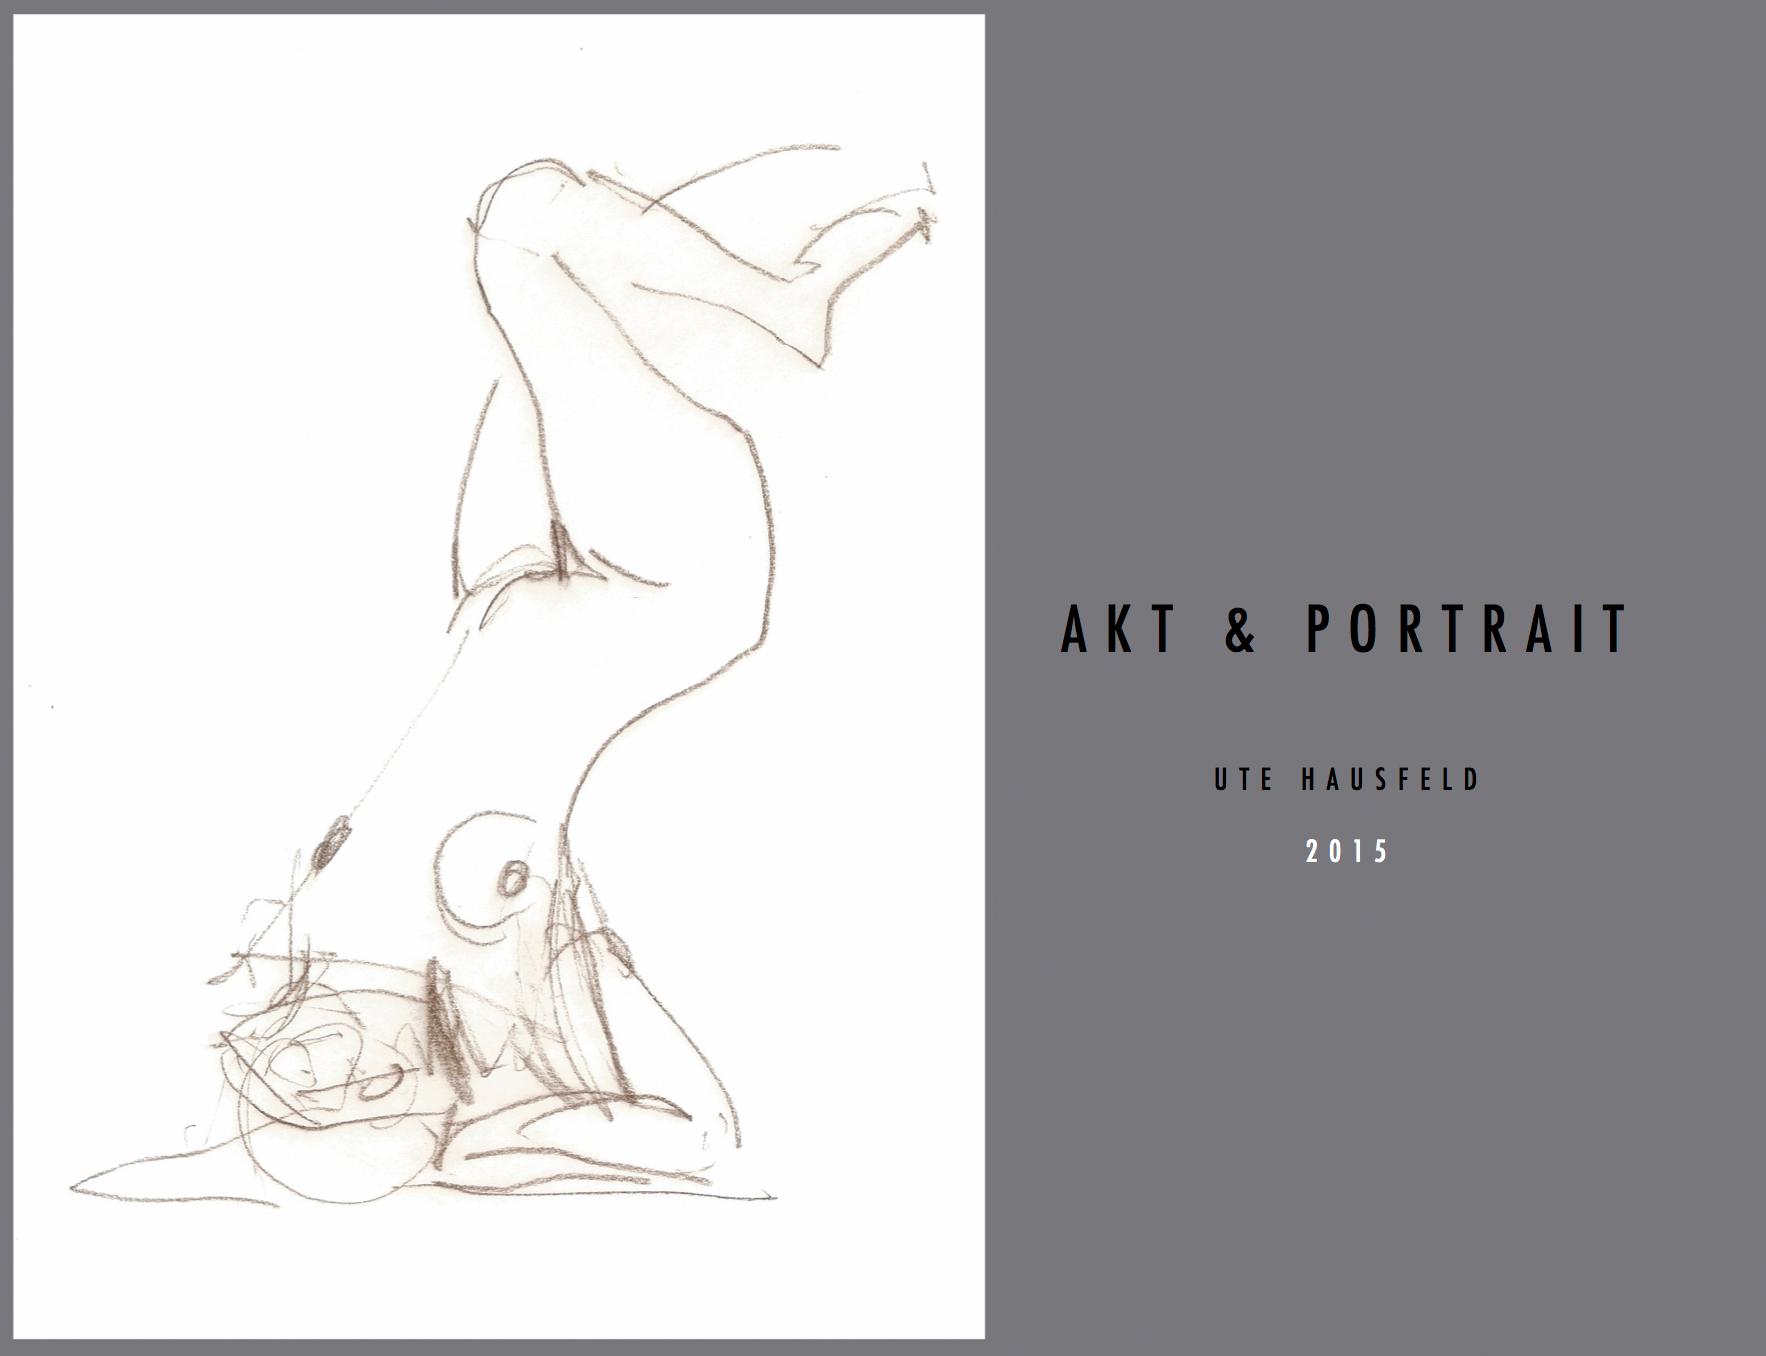 Akt & Portrait